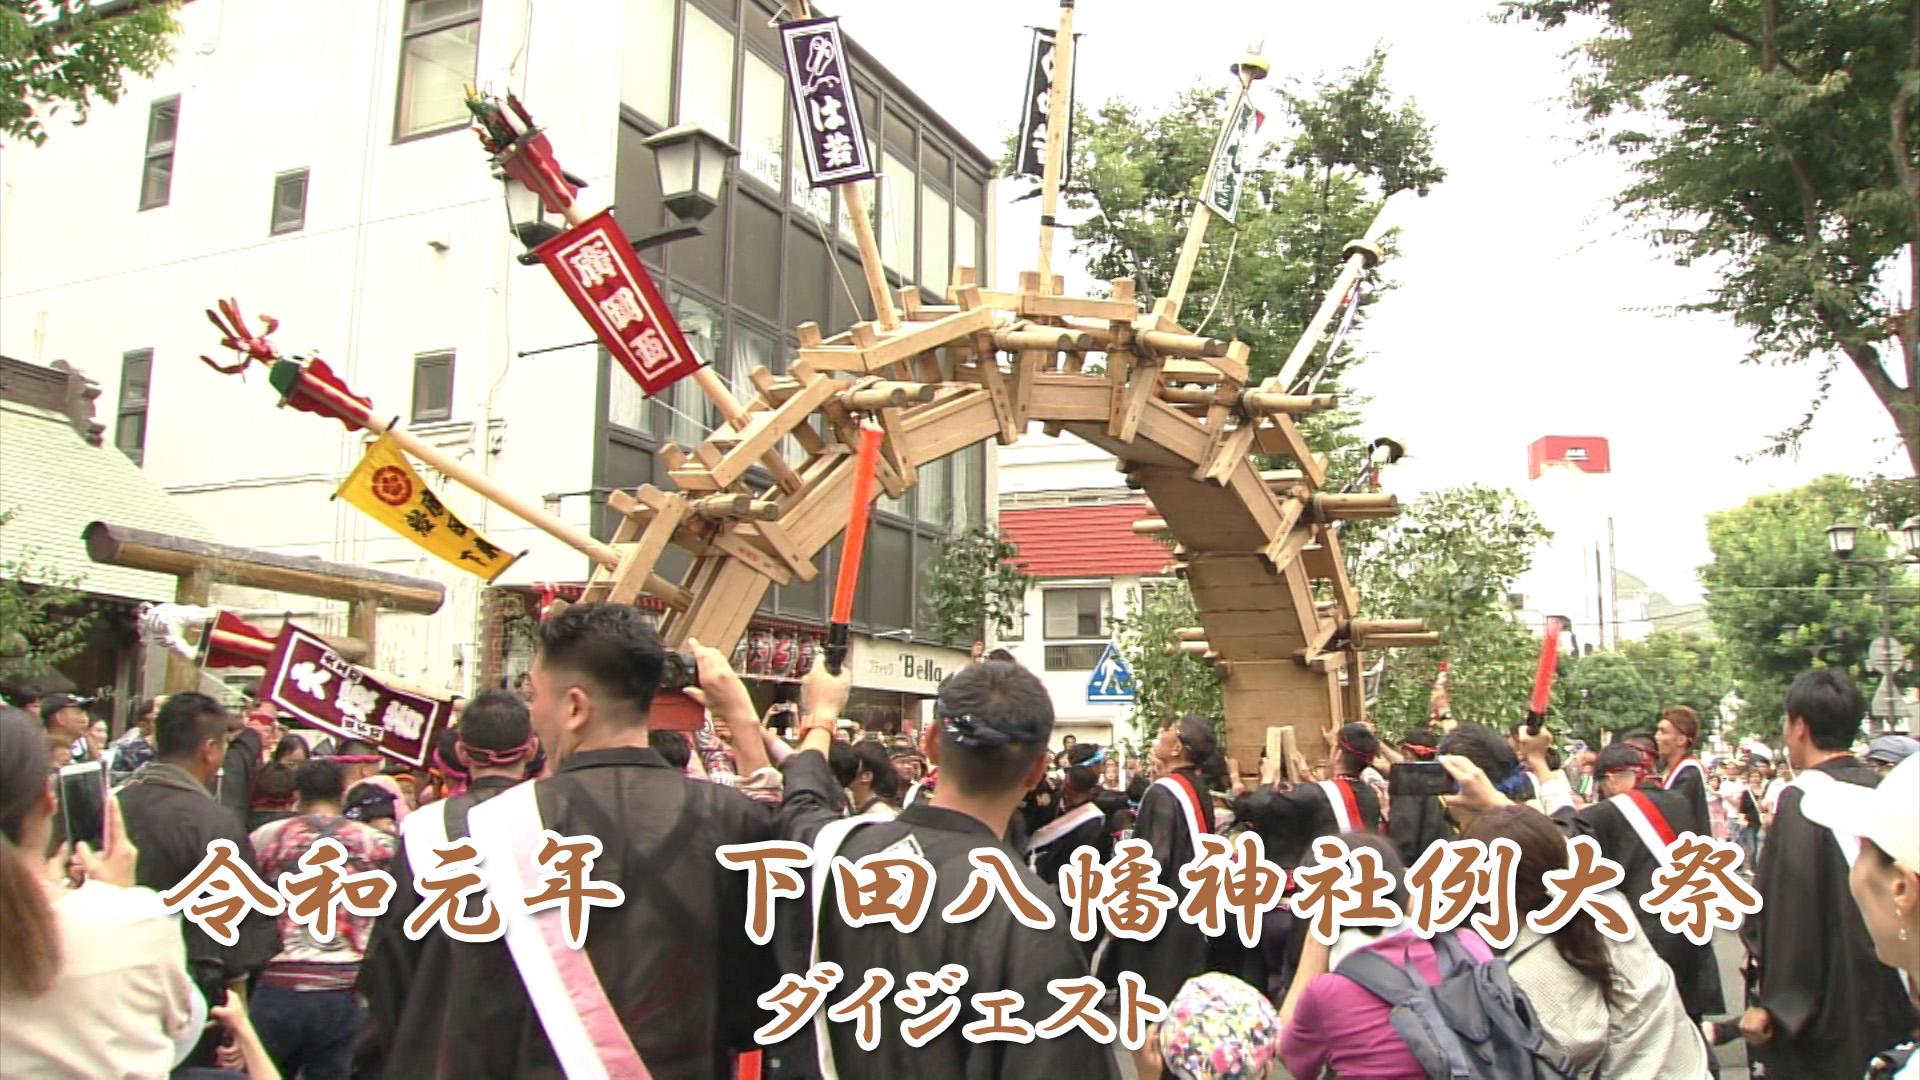 下田の祭りダイジェスト版を作りました